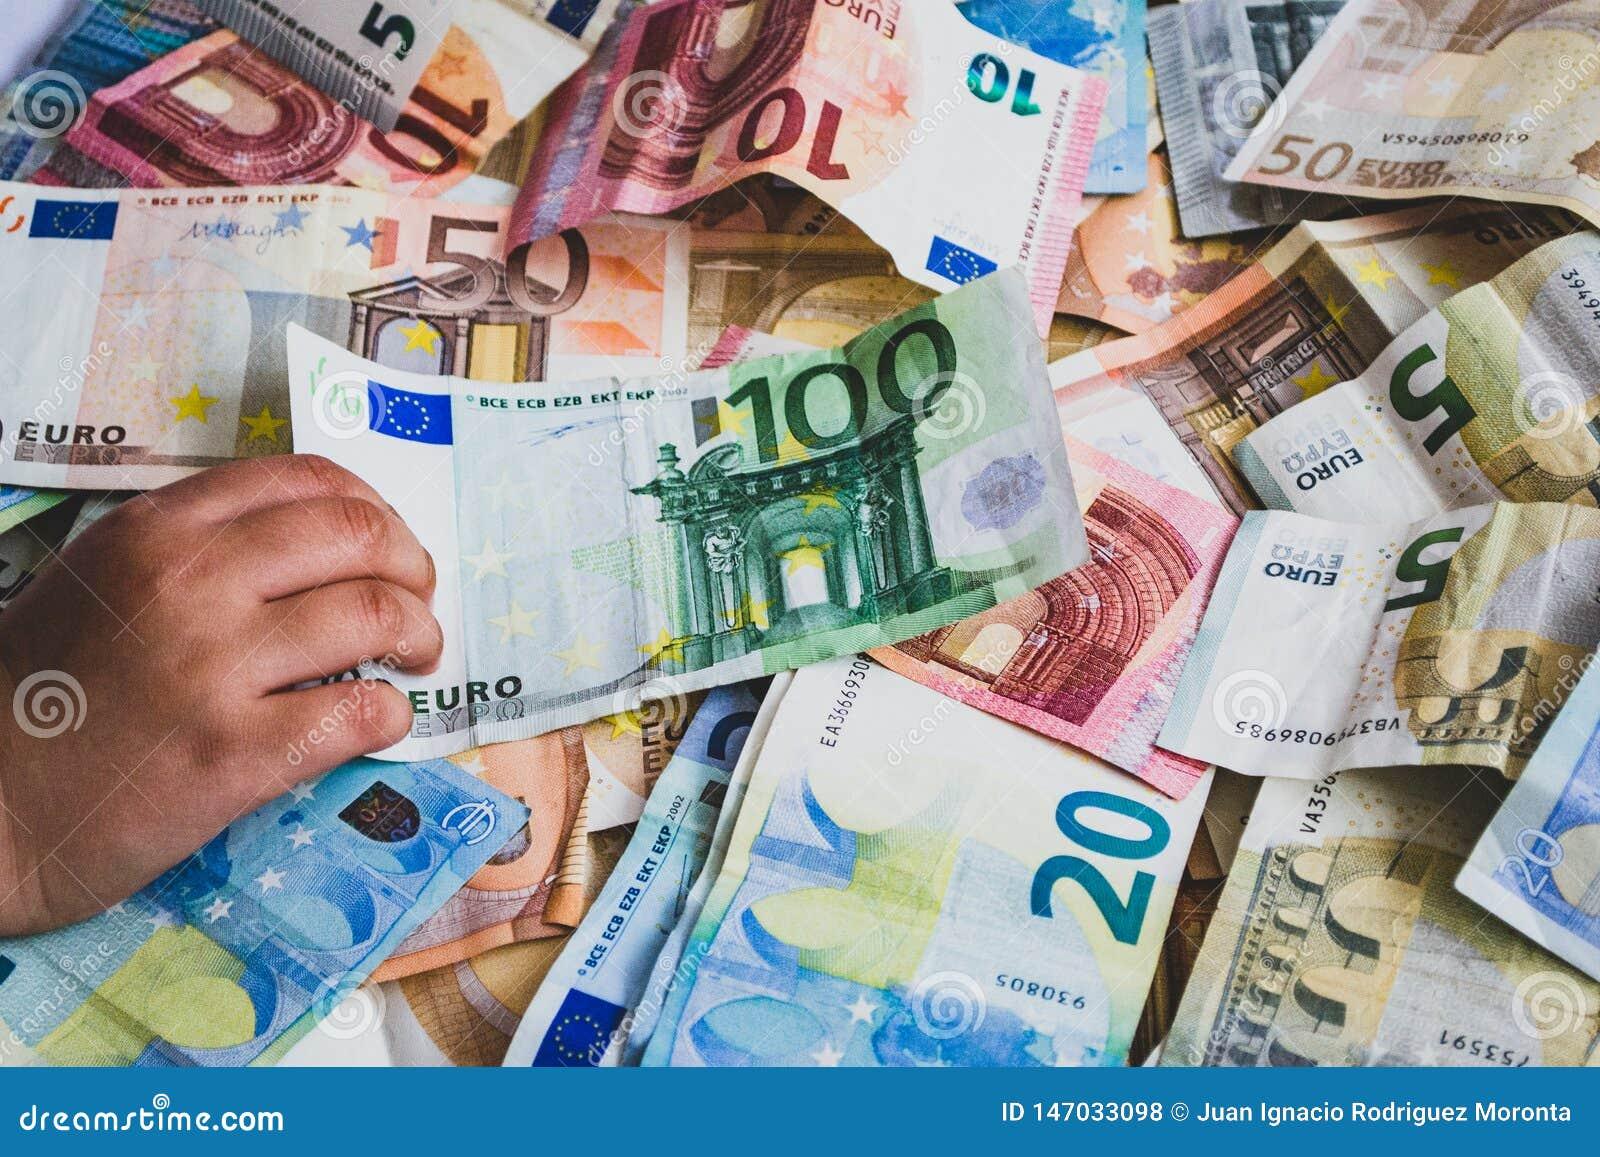 Παιδί που κλέβει το ευρο- τραπεζογραμμάτιο εκατό σε περισσότερα ευρο- τραπεζογραμμάτια